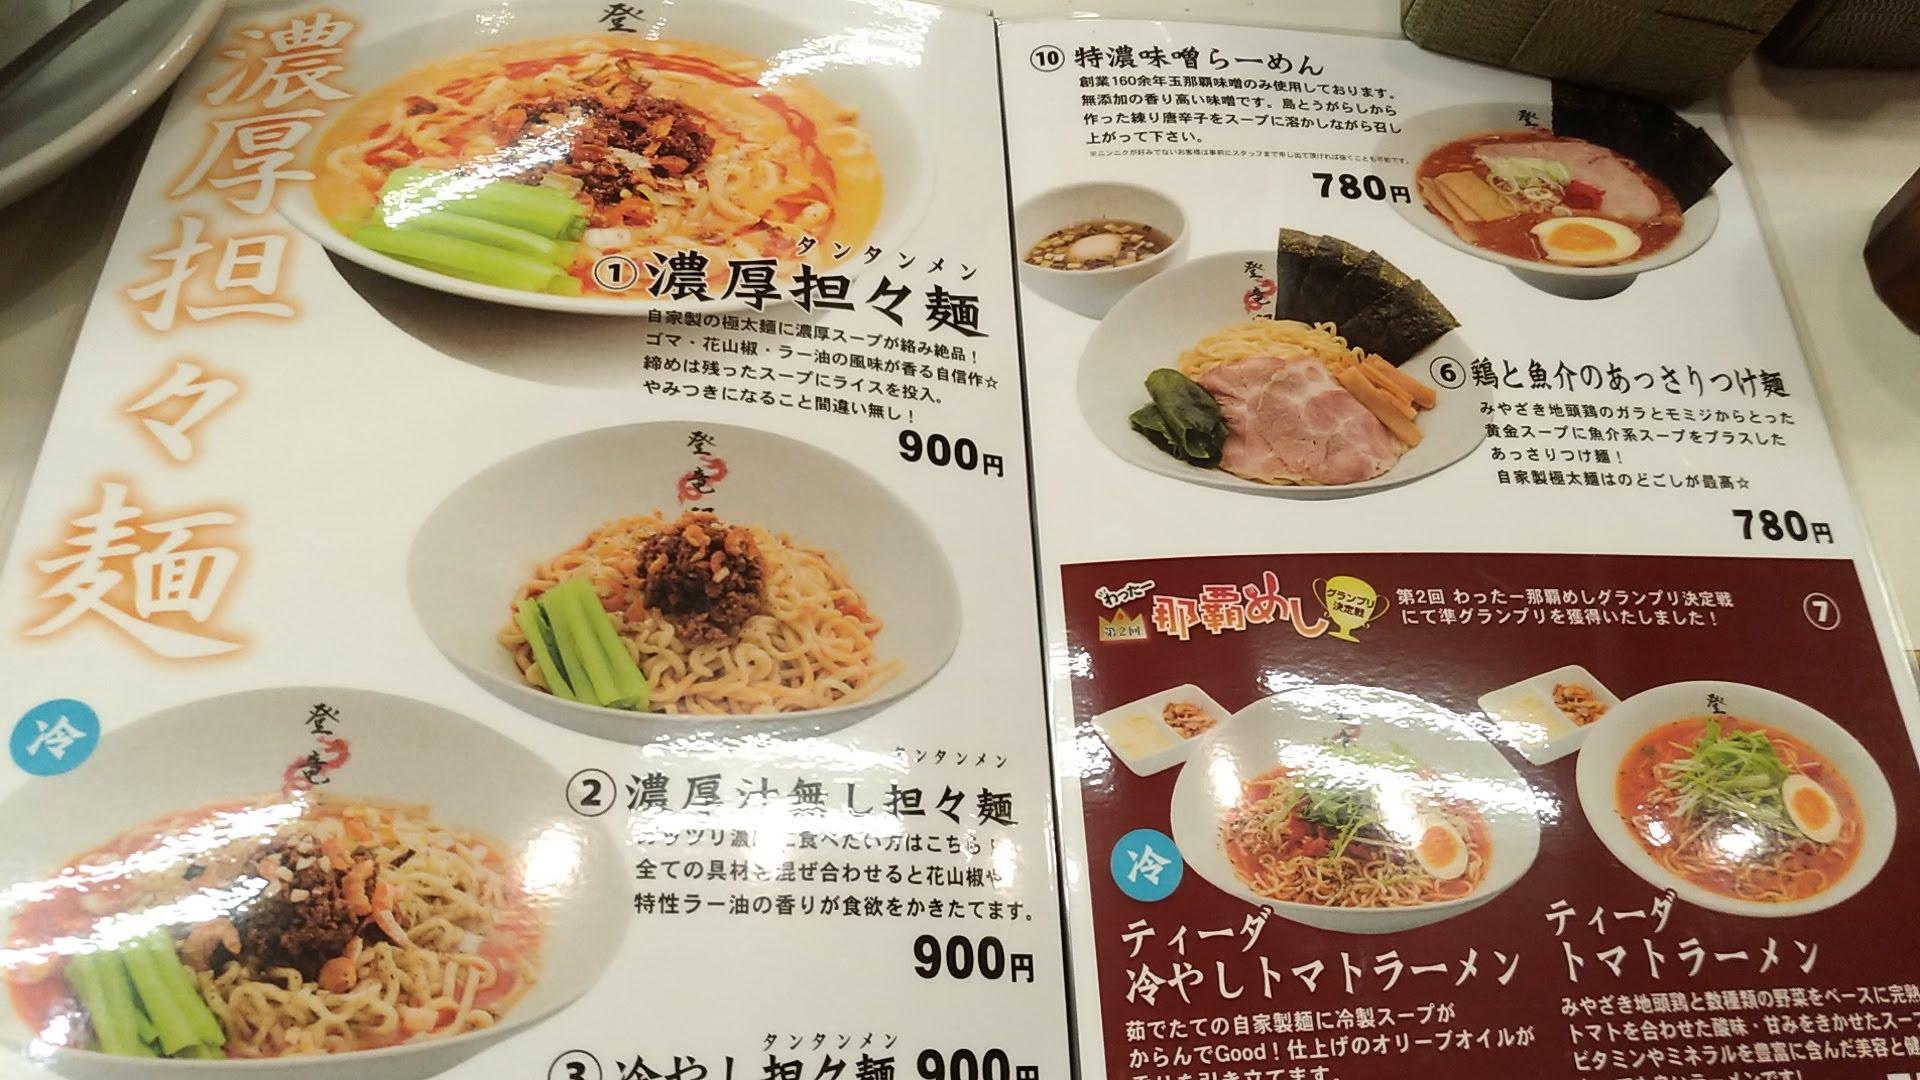 the menu for Touryumon 1